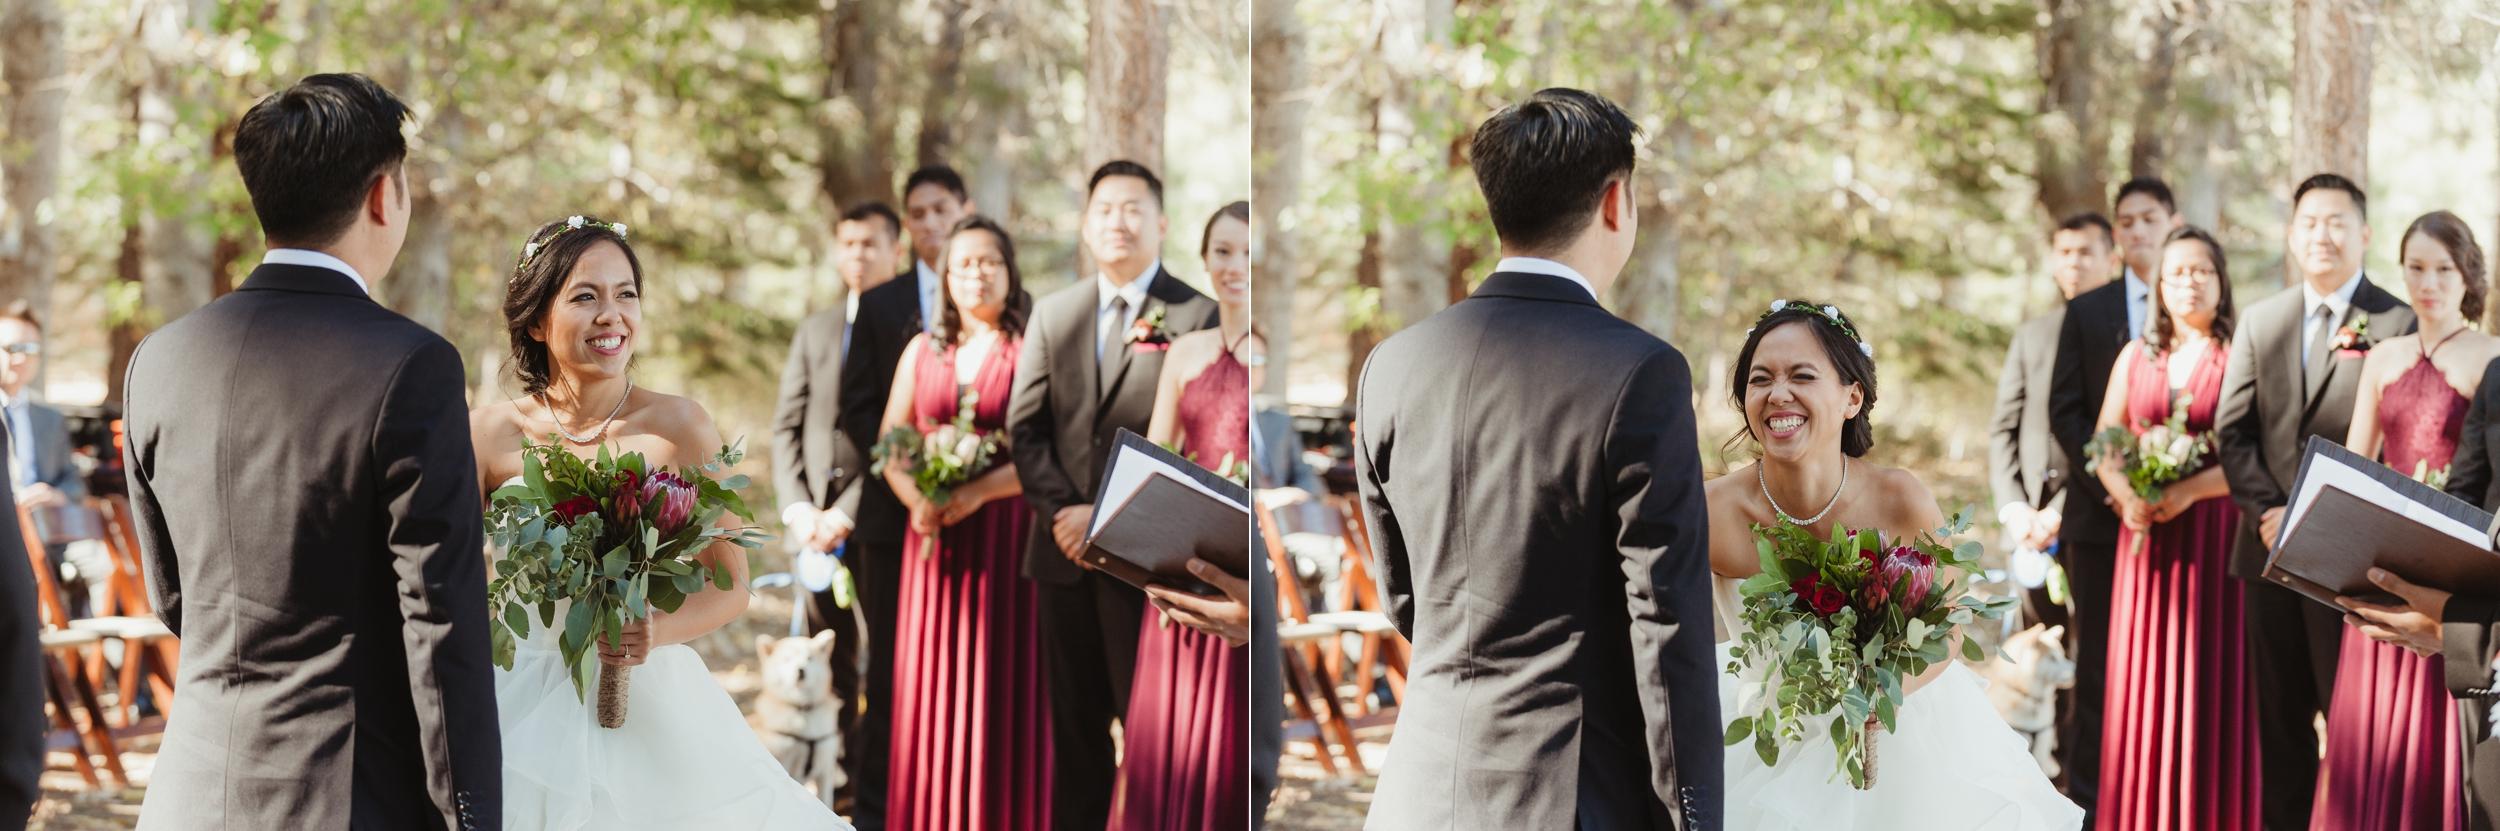 lake-tahoe-destination-wedding-vivianchen-28.jpg